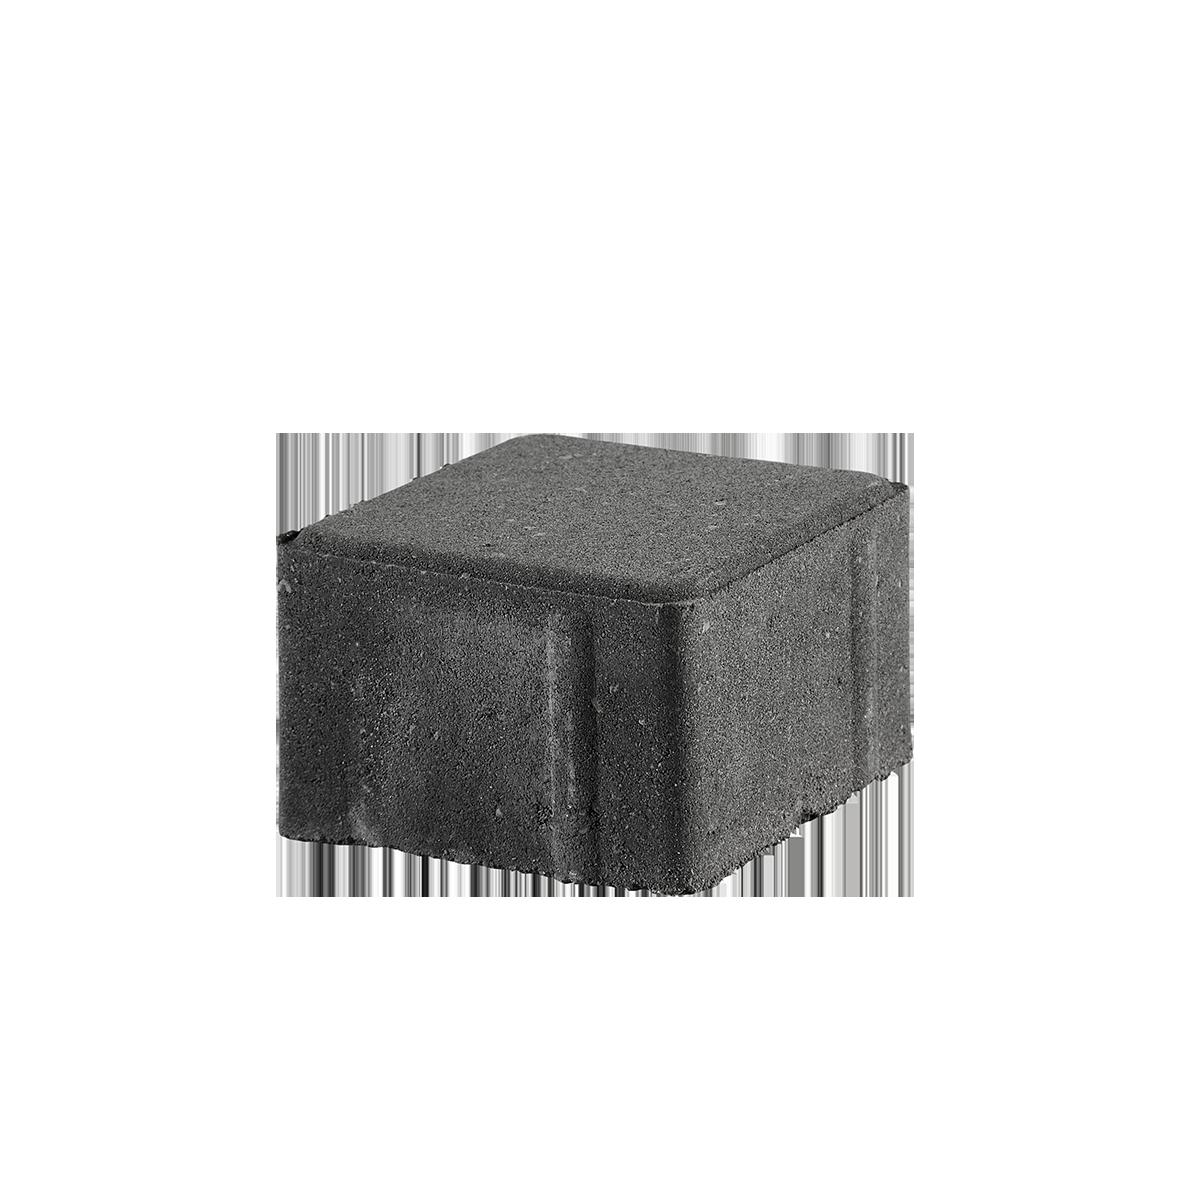 Kop/Betonbrosten 10x10x6 cm Sort/Antracit